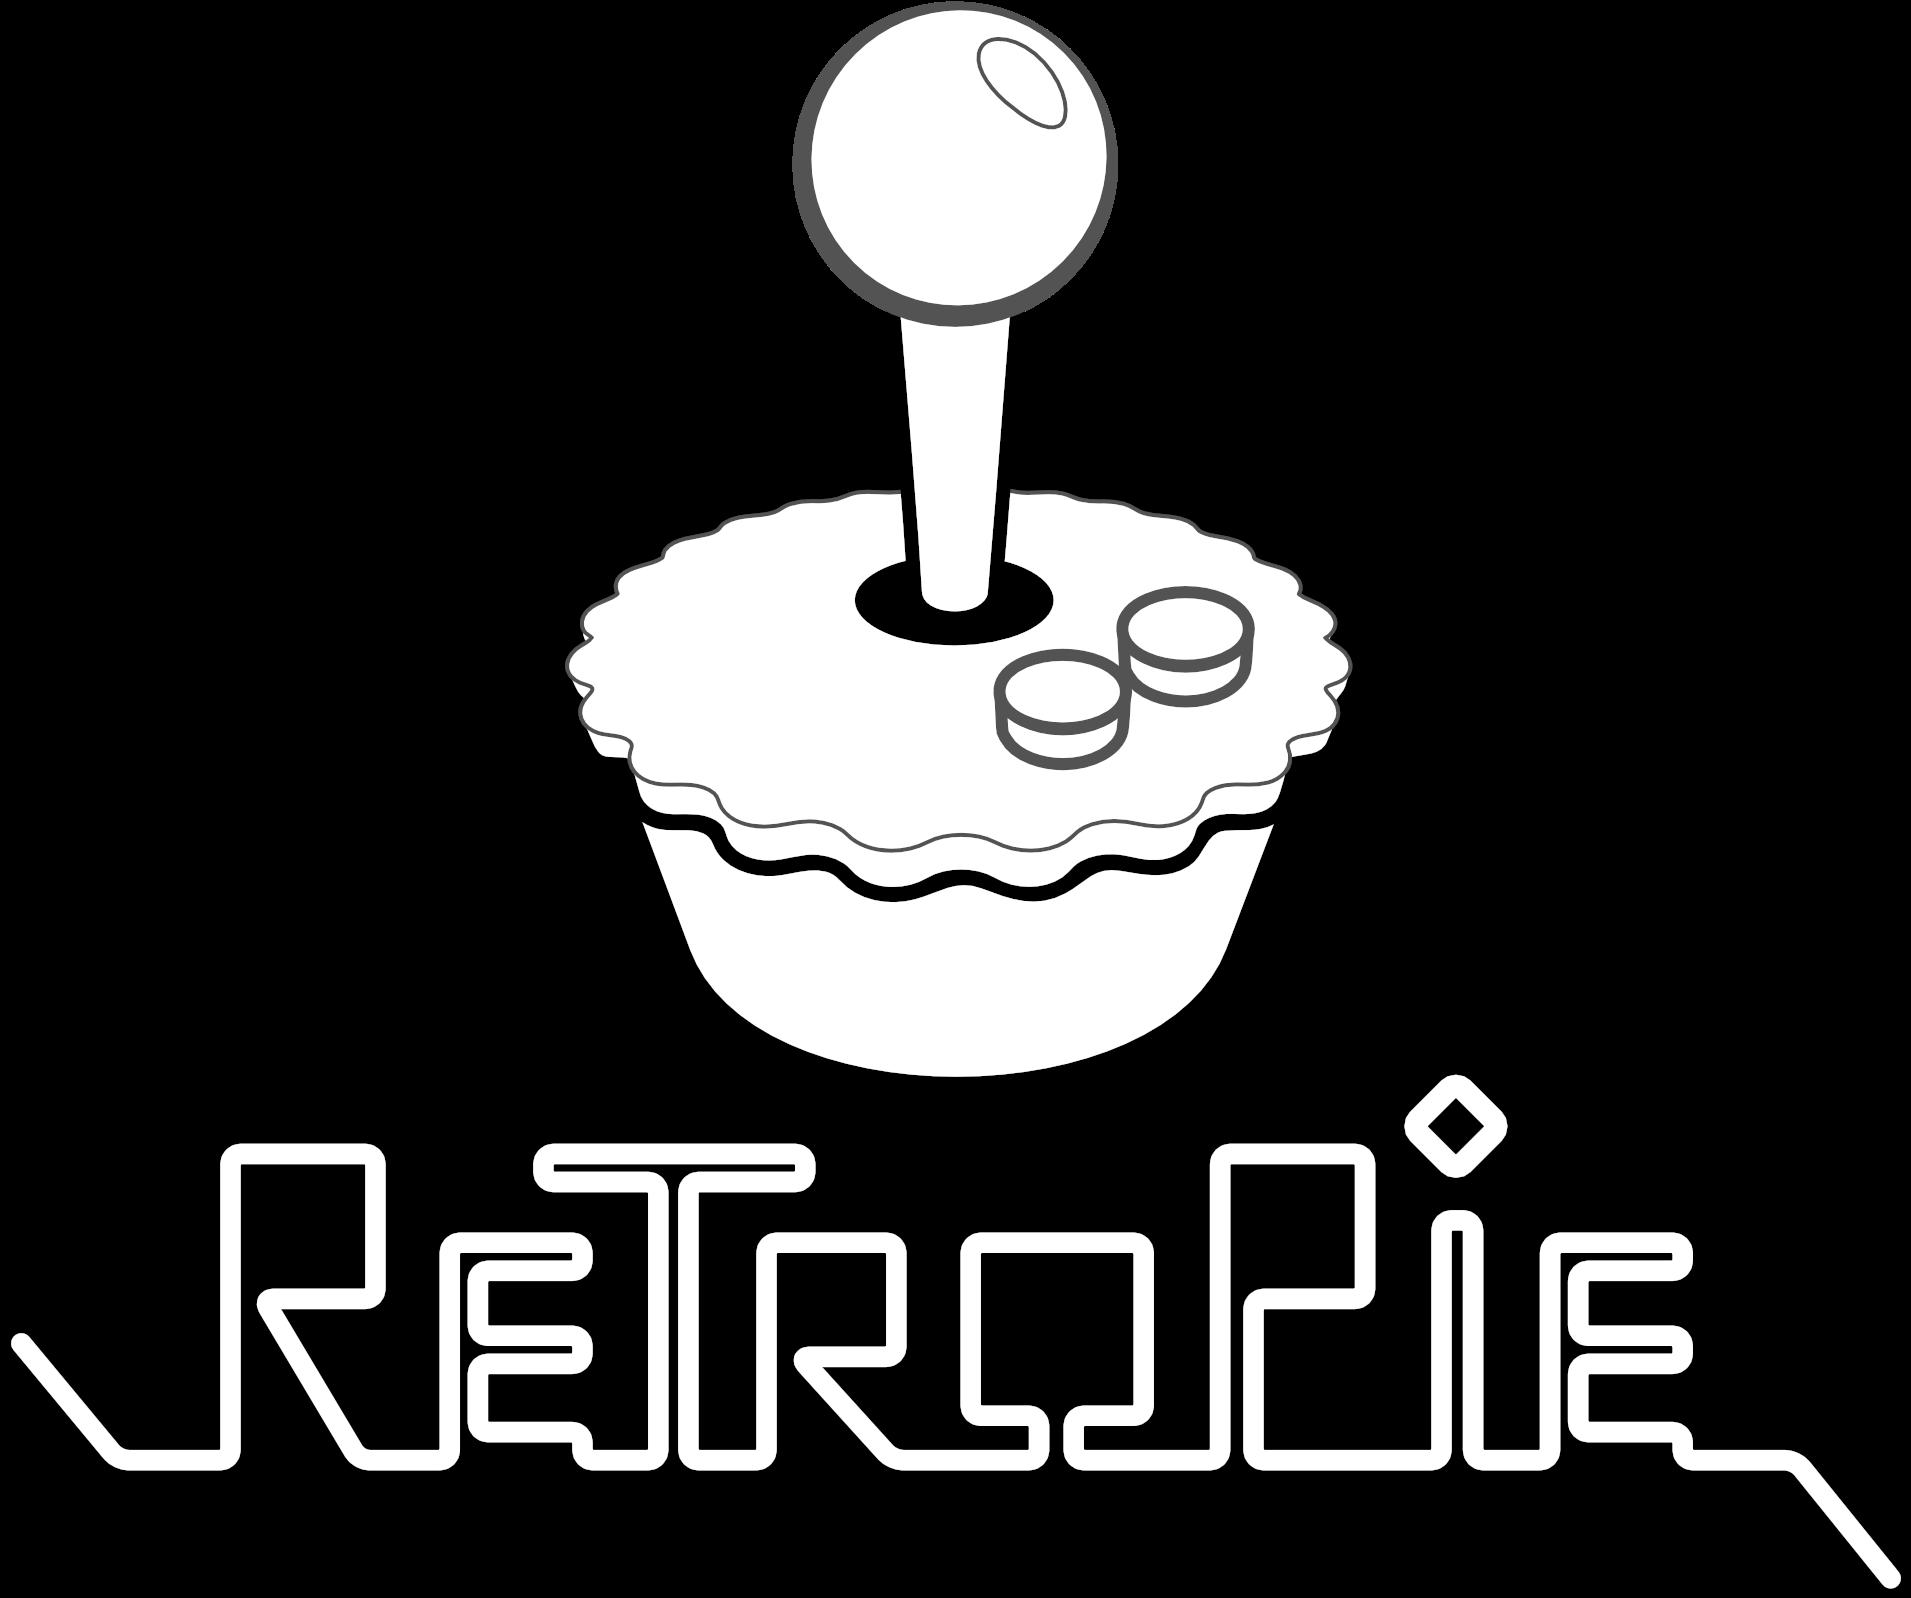 Logo Mod Bwa Copy-Retropie Logo黑白剪贴画(2040x2040),Png下载